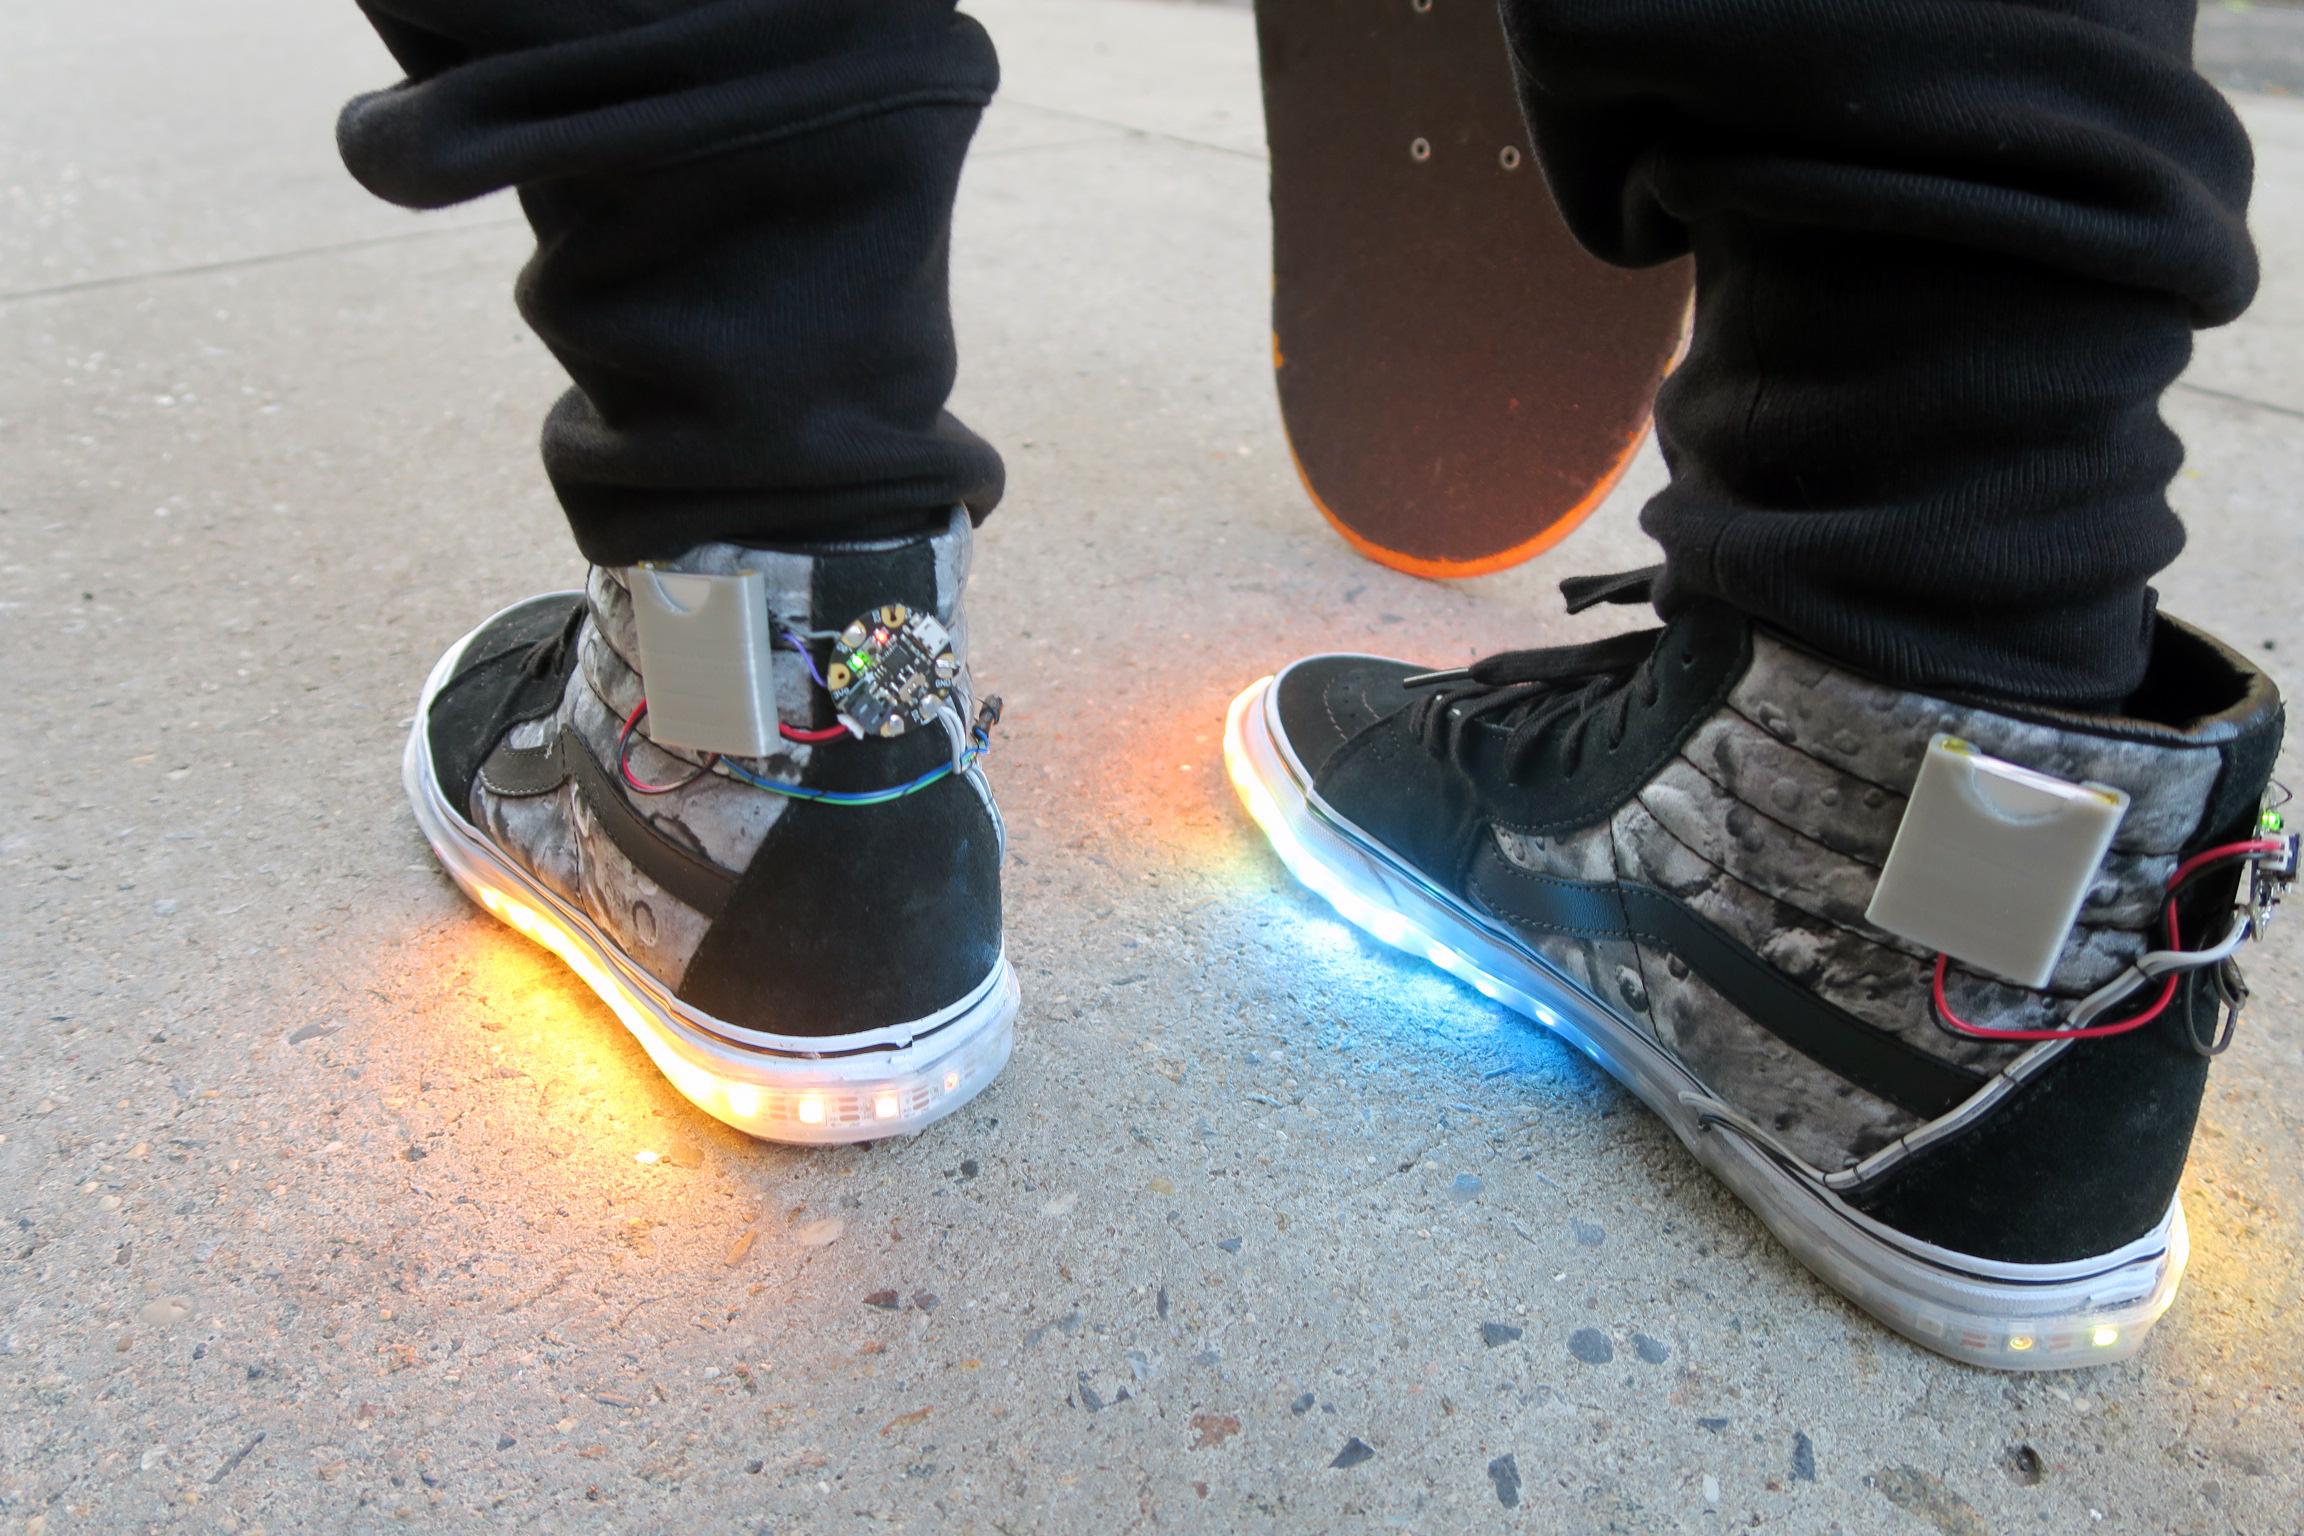 led_strips_firewalker-sneakers-from-beside.jpg